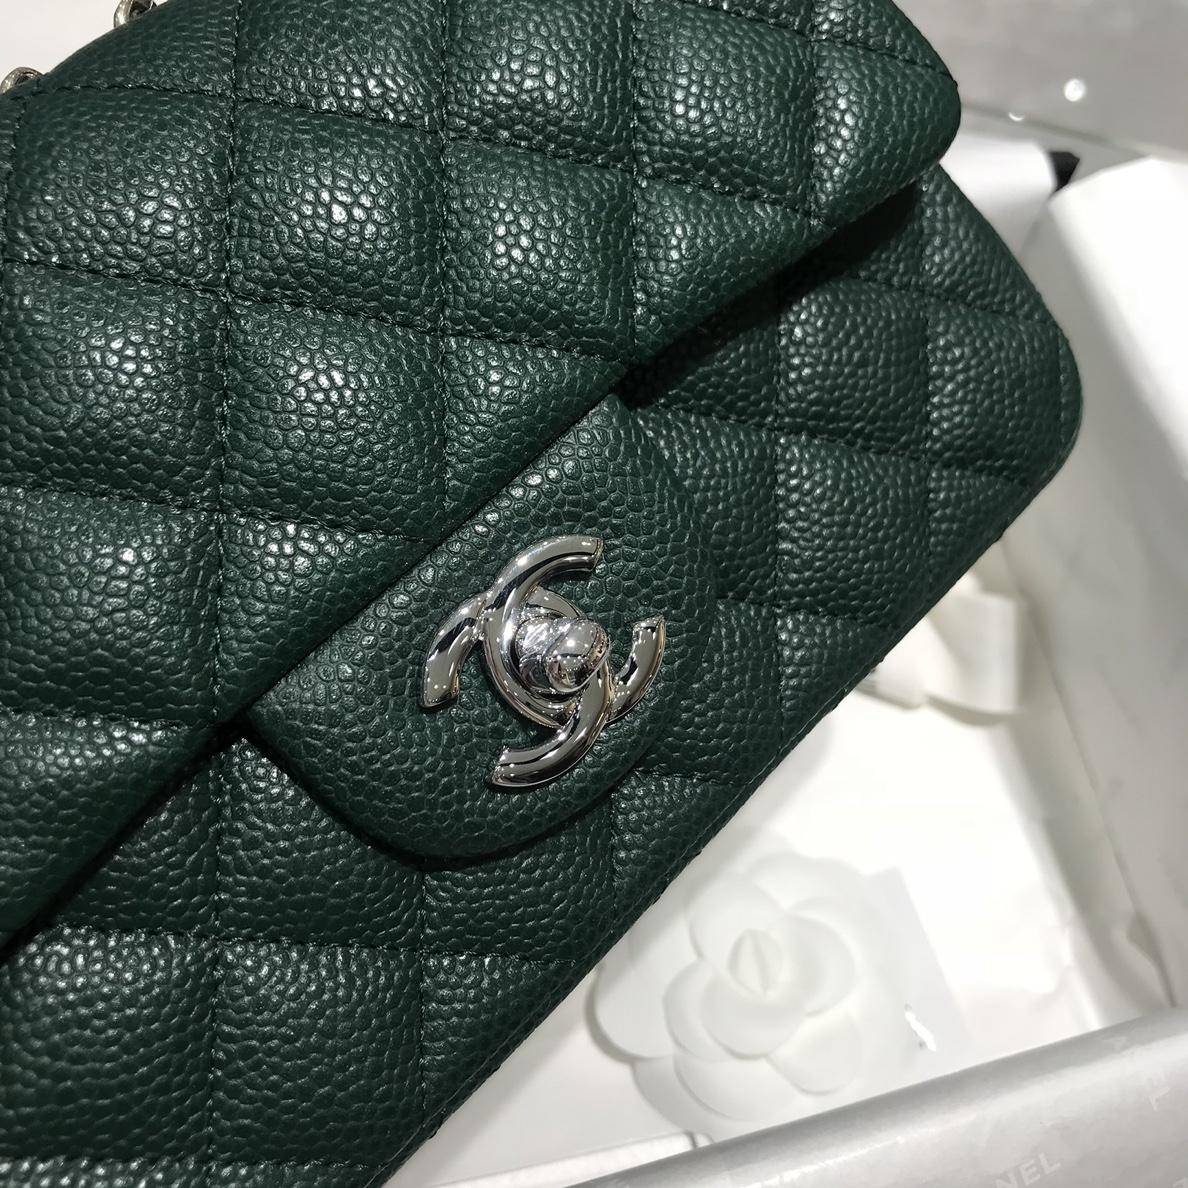 香奈儿真品级 《Chanel》CFmini~代购版本~原厂鱼子酱牛皮 20cm~现货